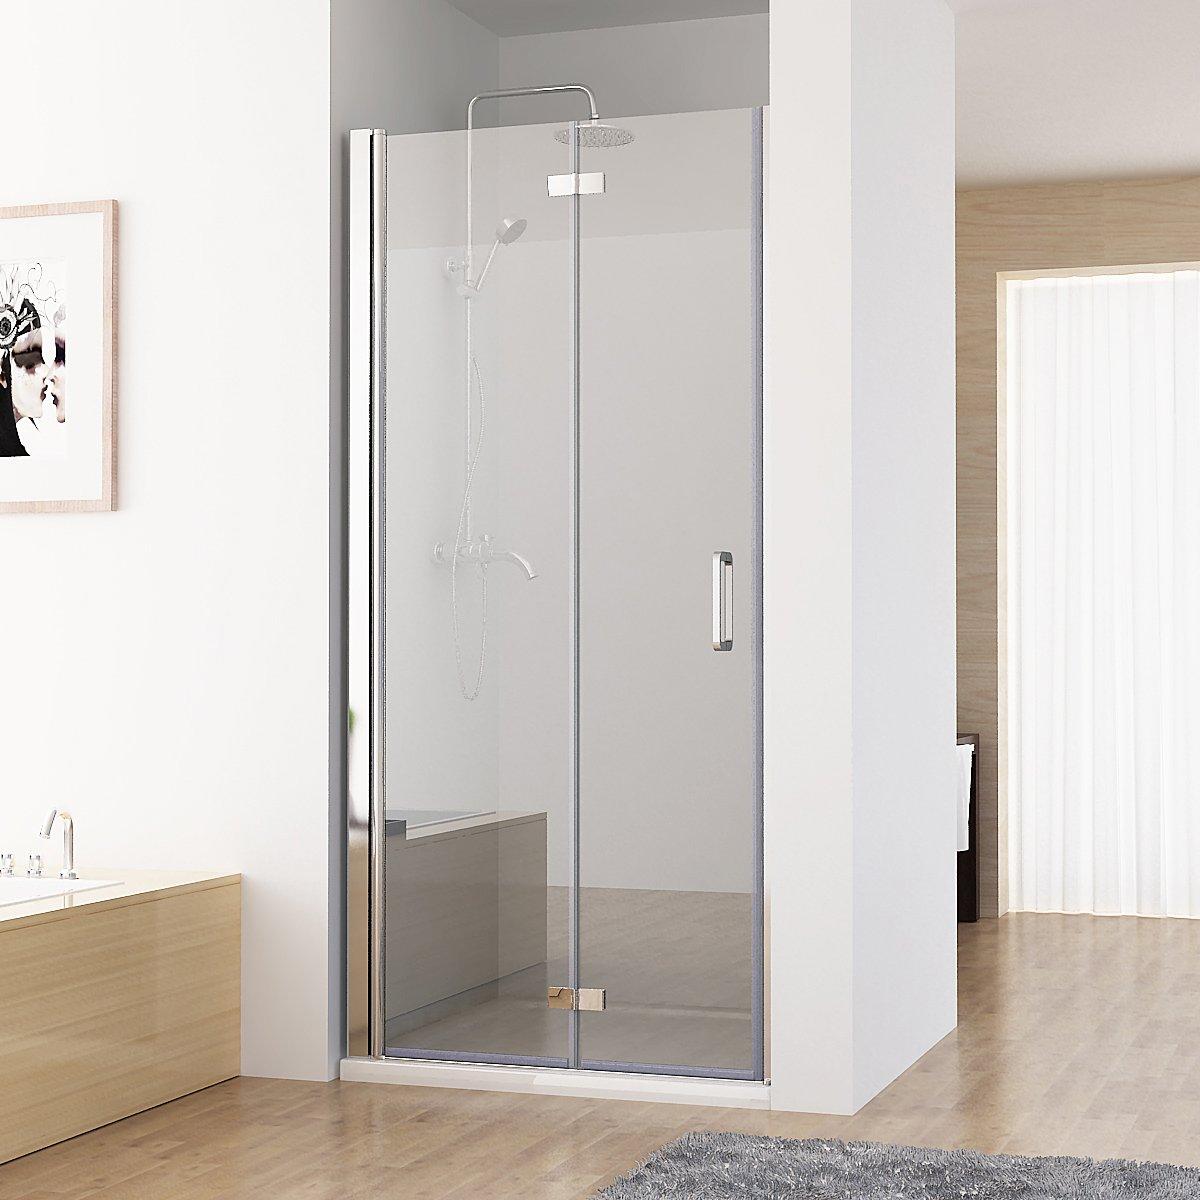 nischentr duschabtrennung 180 schwingtr falttr duschwand dusche nano echtglas 100 x 197 cm amazonde kche haushalt - Dusche Nischentur 85 Cm